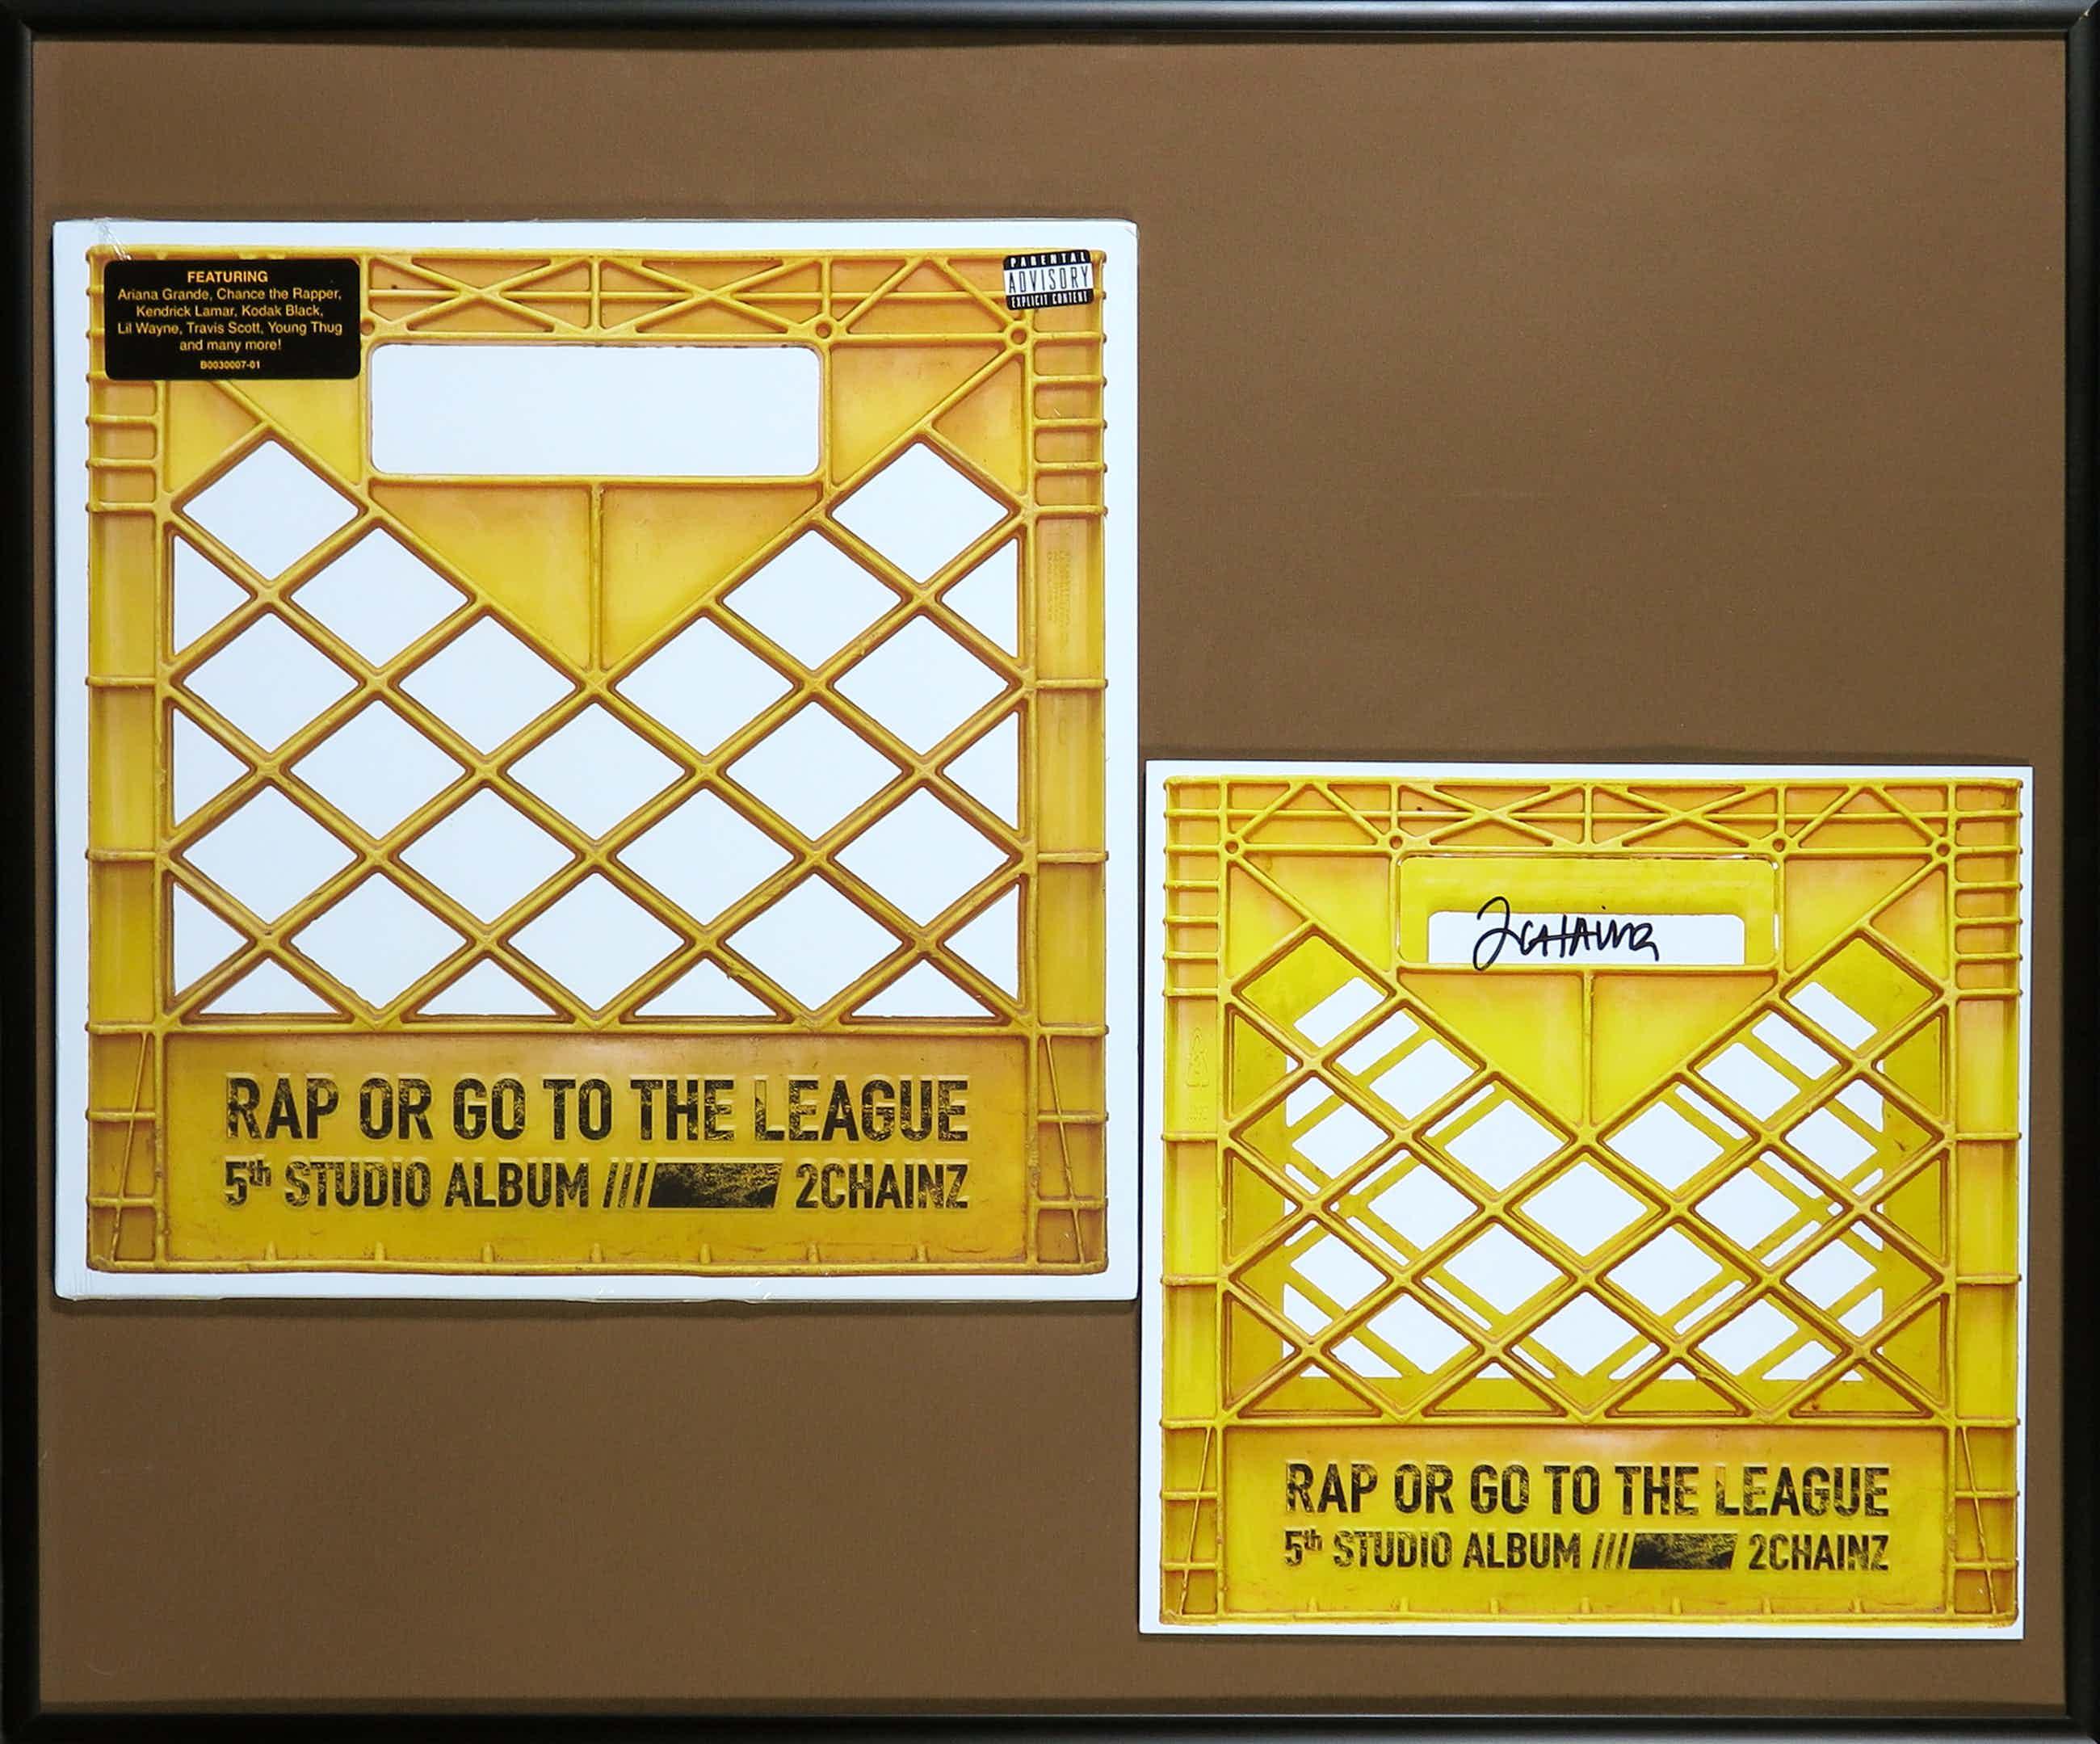 2 Chainz - Album Rap or go to the league met gesigneerde zeefdruk - Ingelijst kopen? Bied vanaf 81!